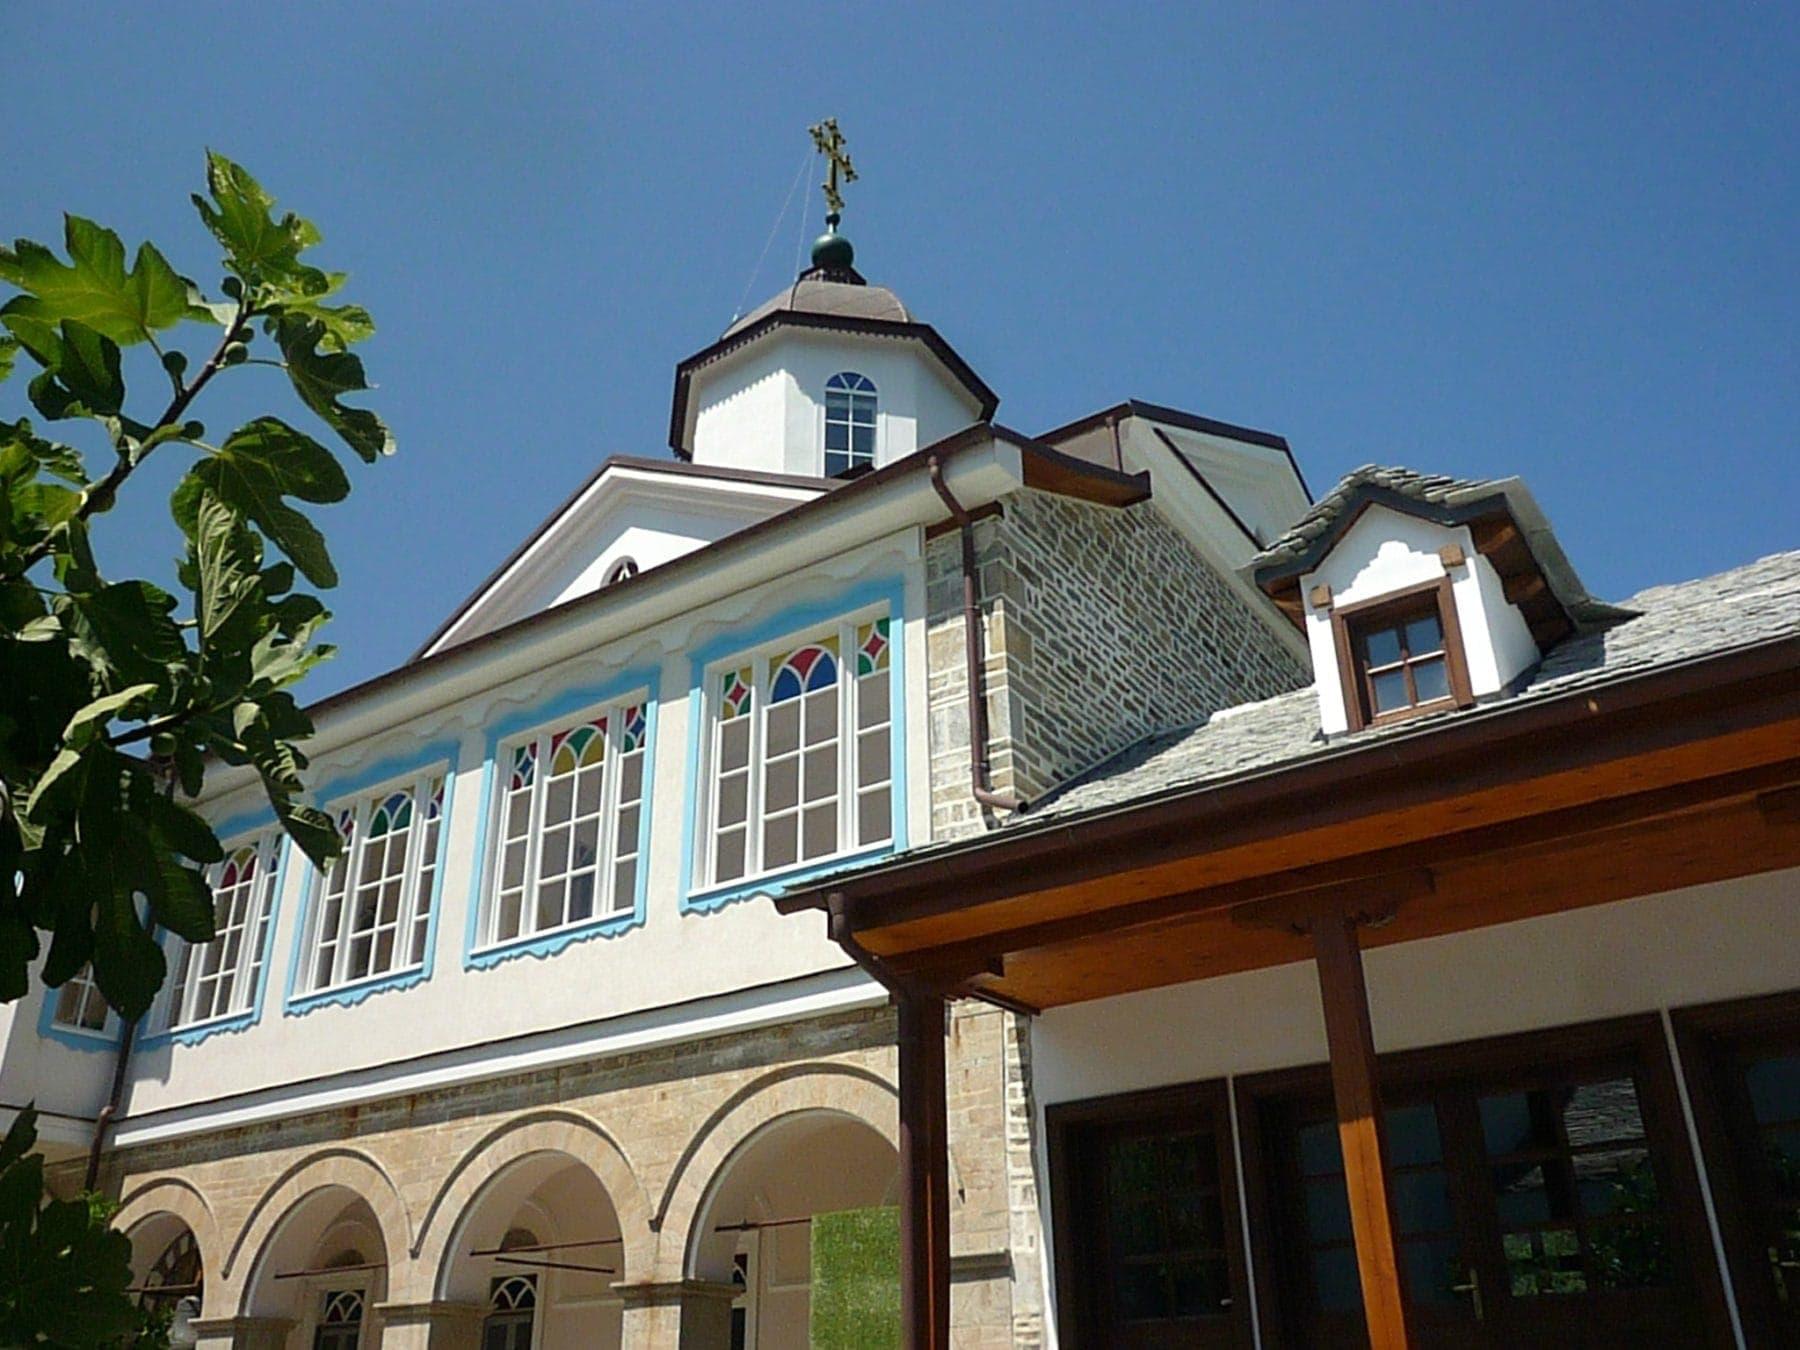 ξύλινα παράθυρα σε μοναστηριακό κτίριο